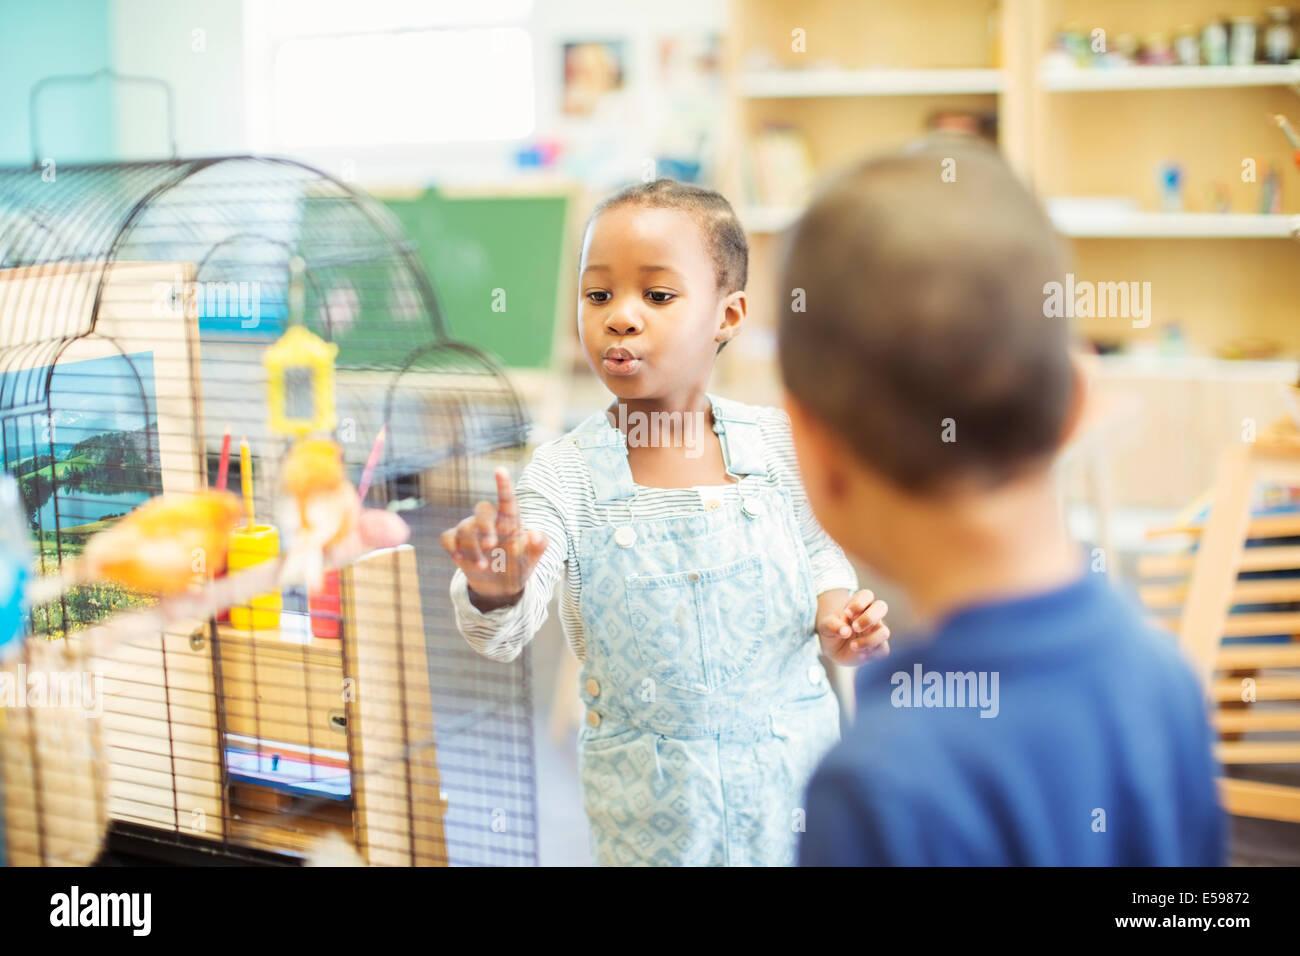 Los estudiantes examinan en forma de jaula en el aula Imagen De Stock